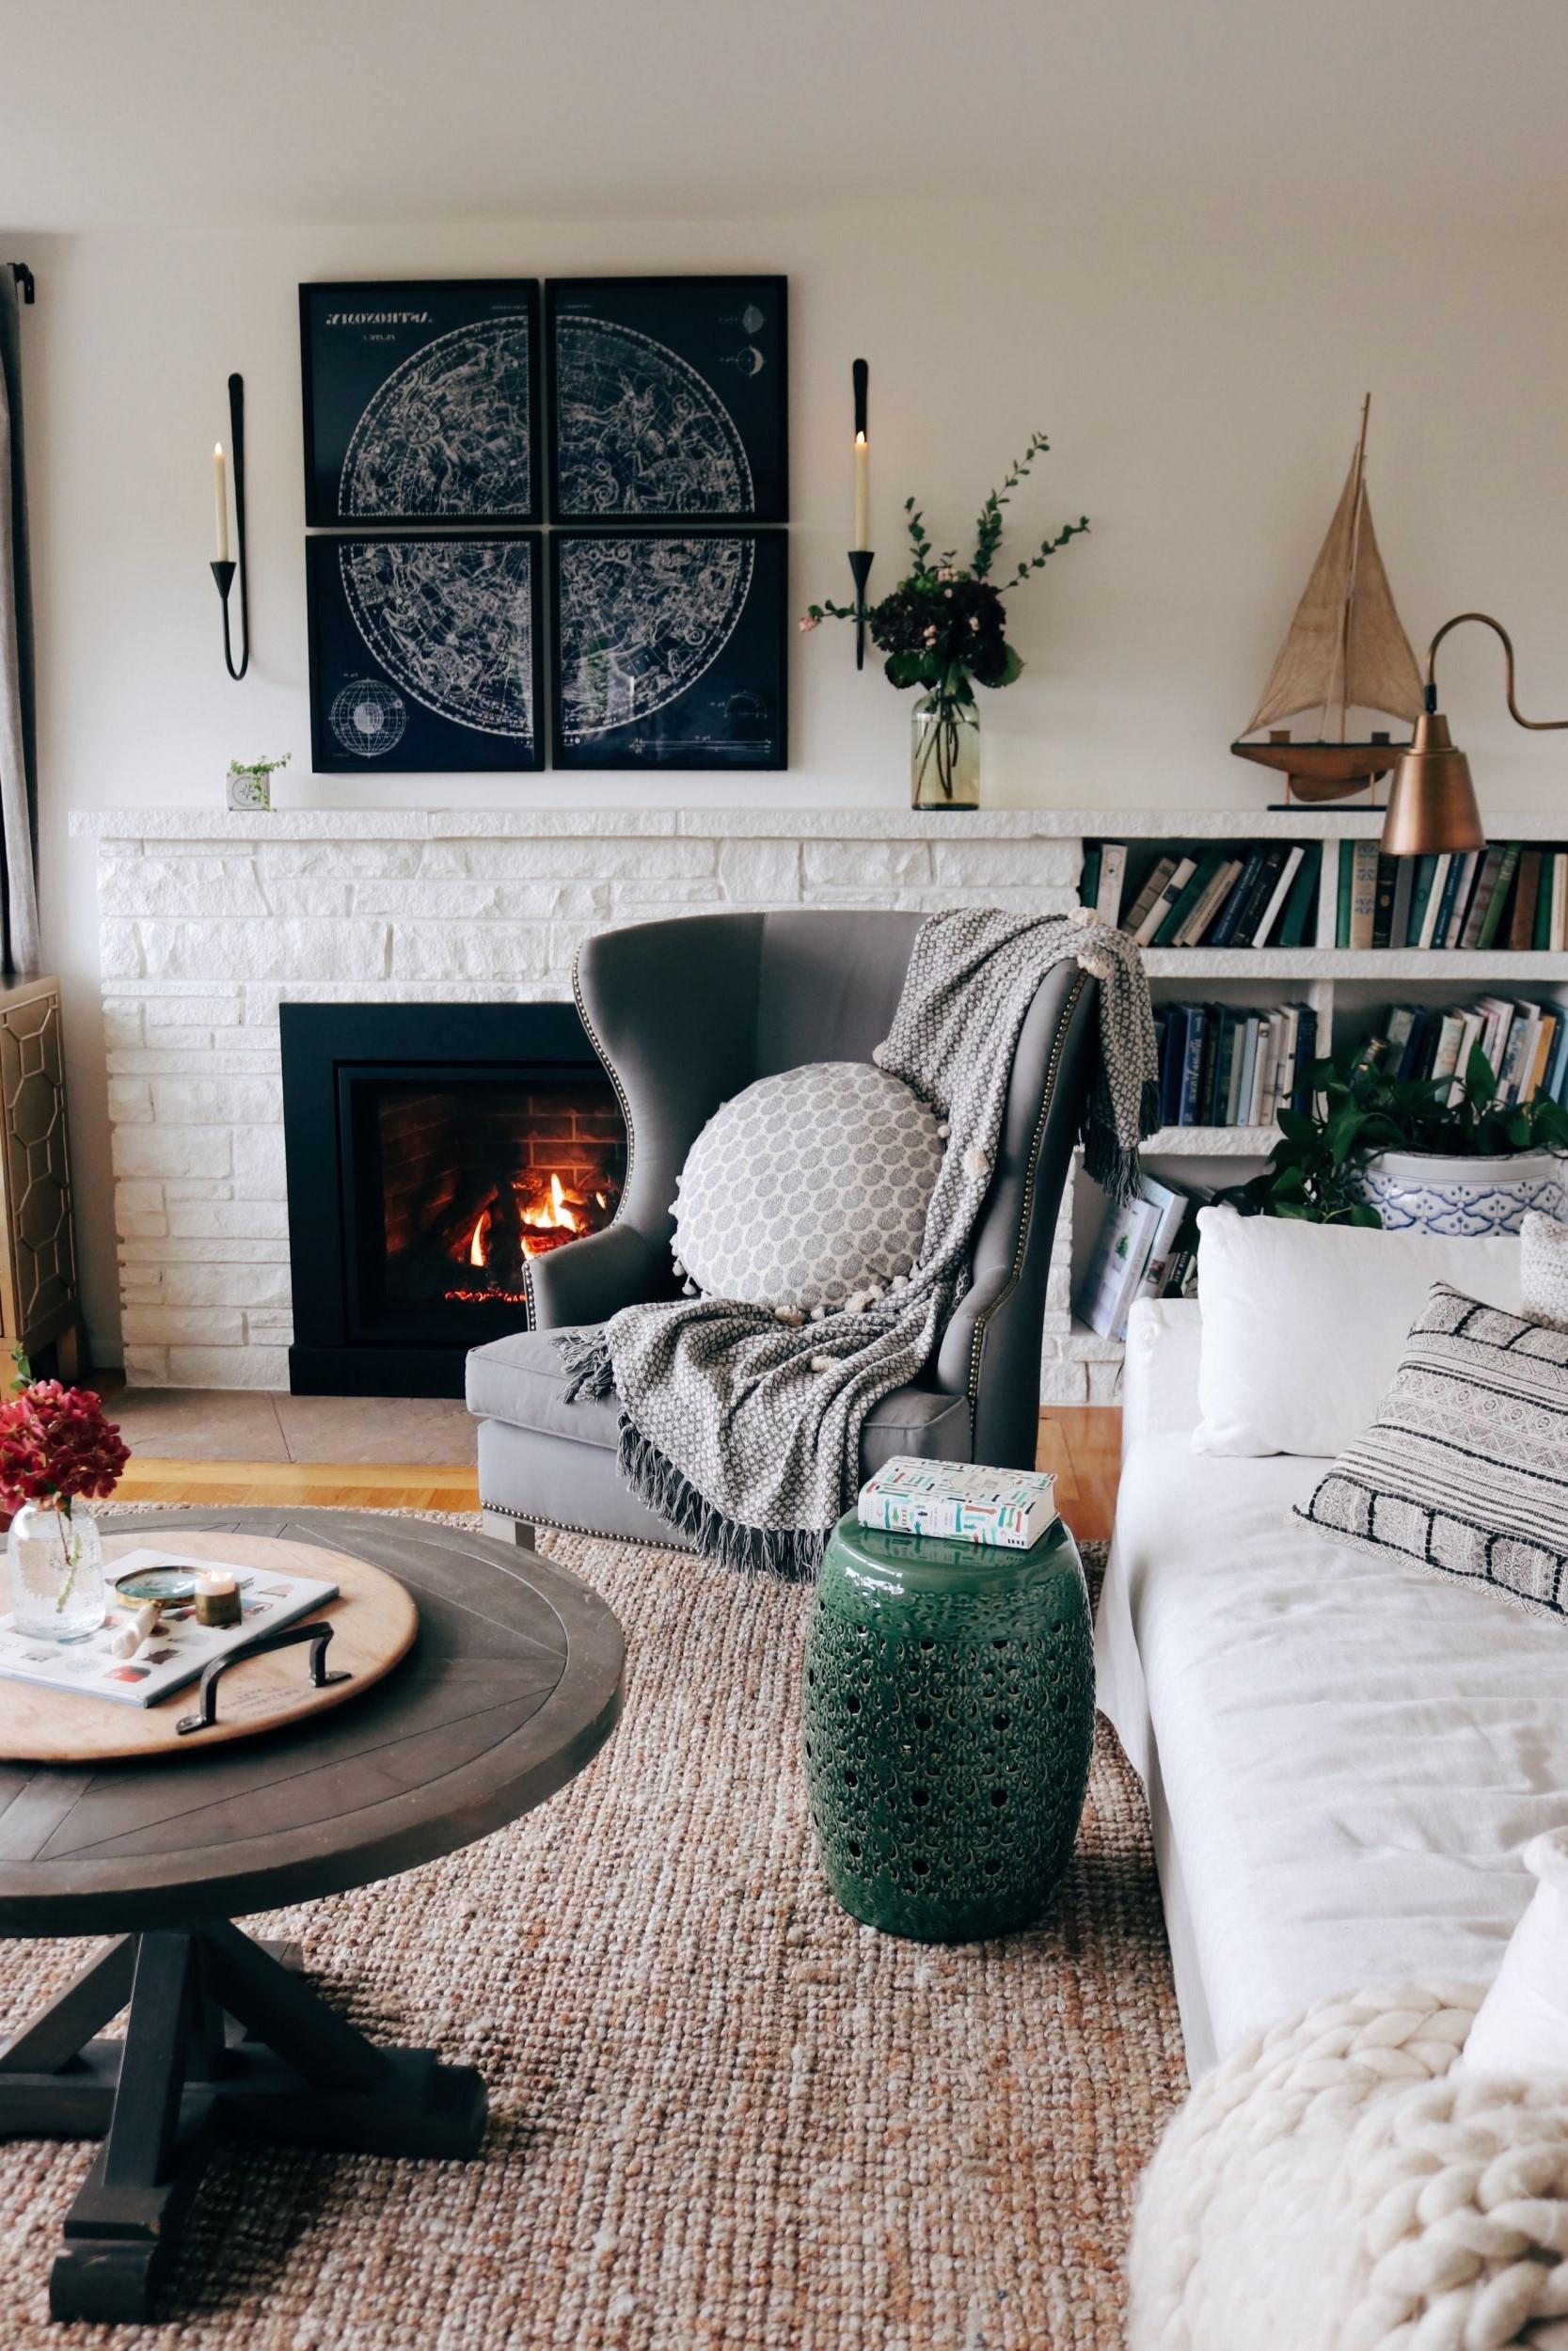 L'ajout d'un joli fauteuil avec un oreiller sympa est un pas de plus vers la pièce la plus confortable de votre maison.